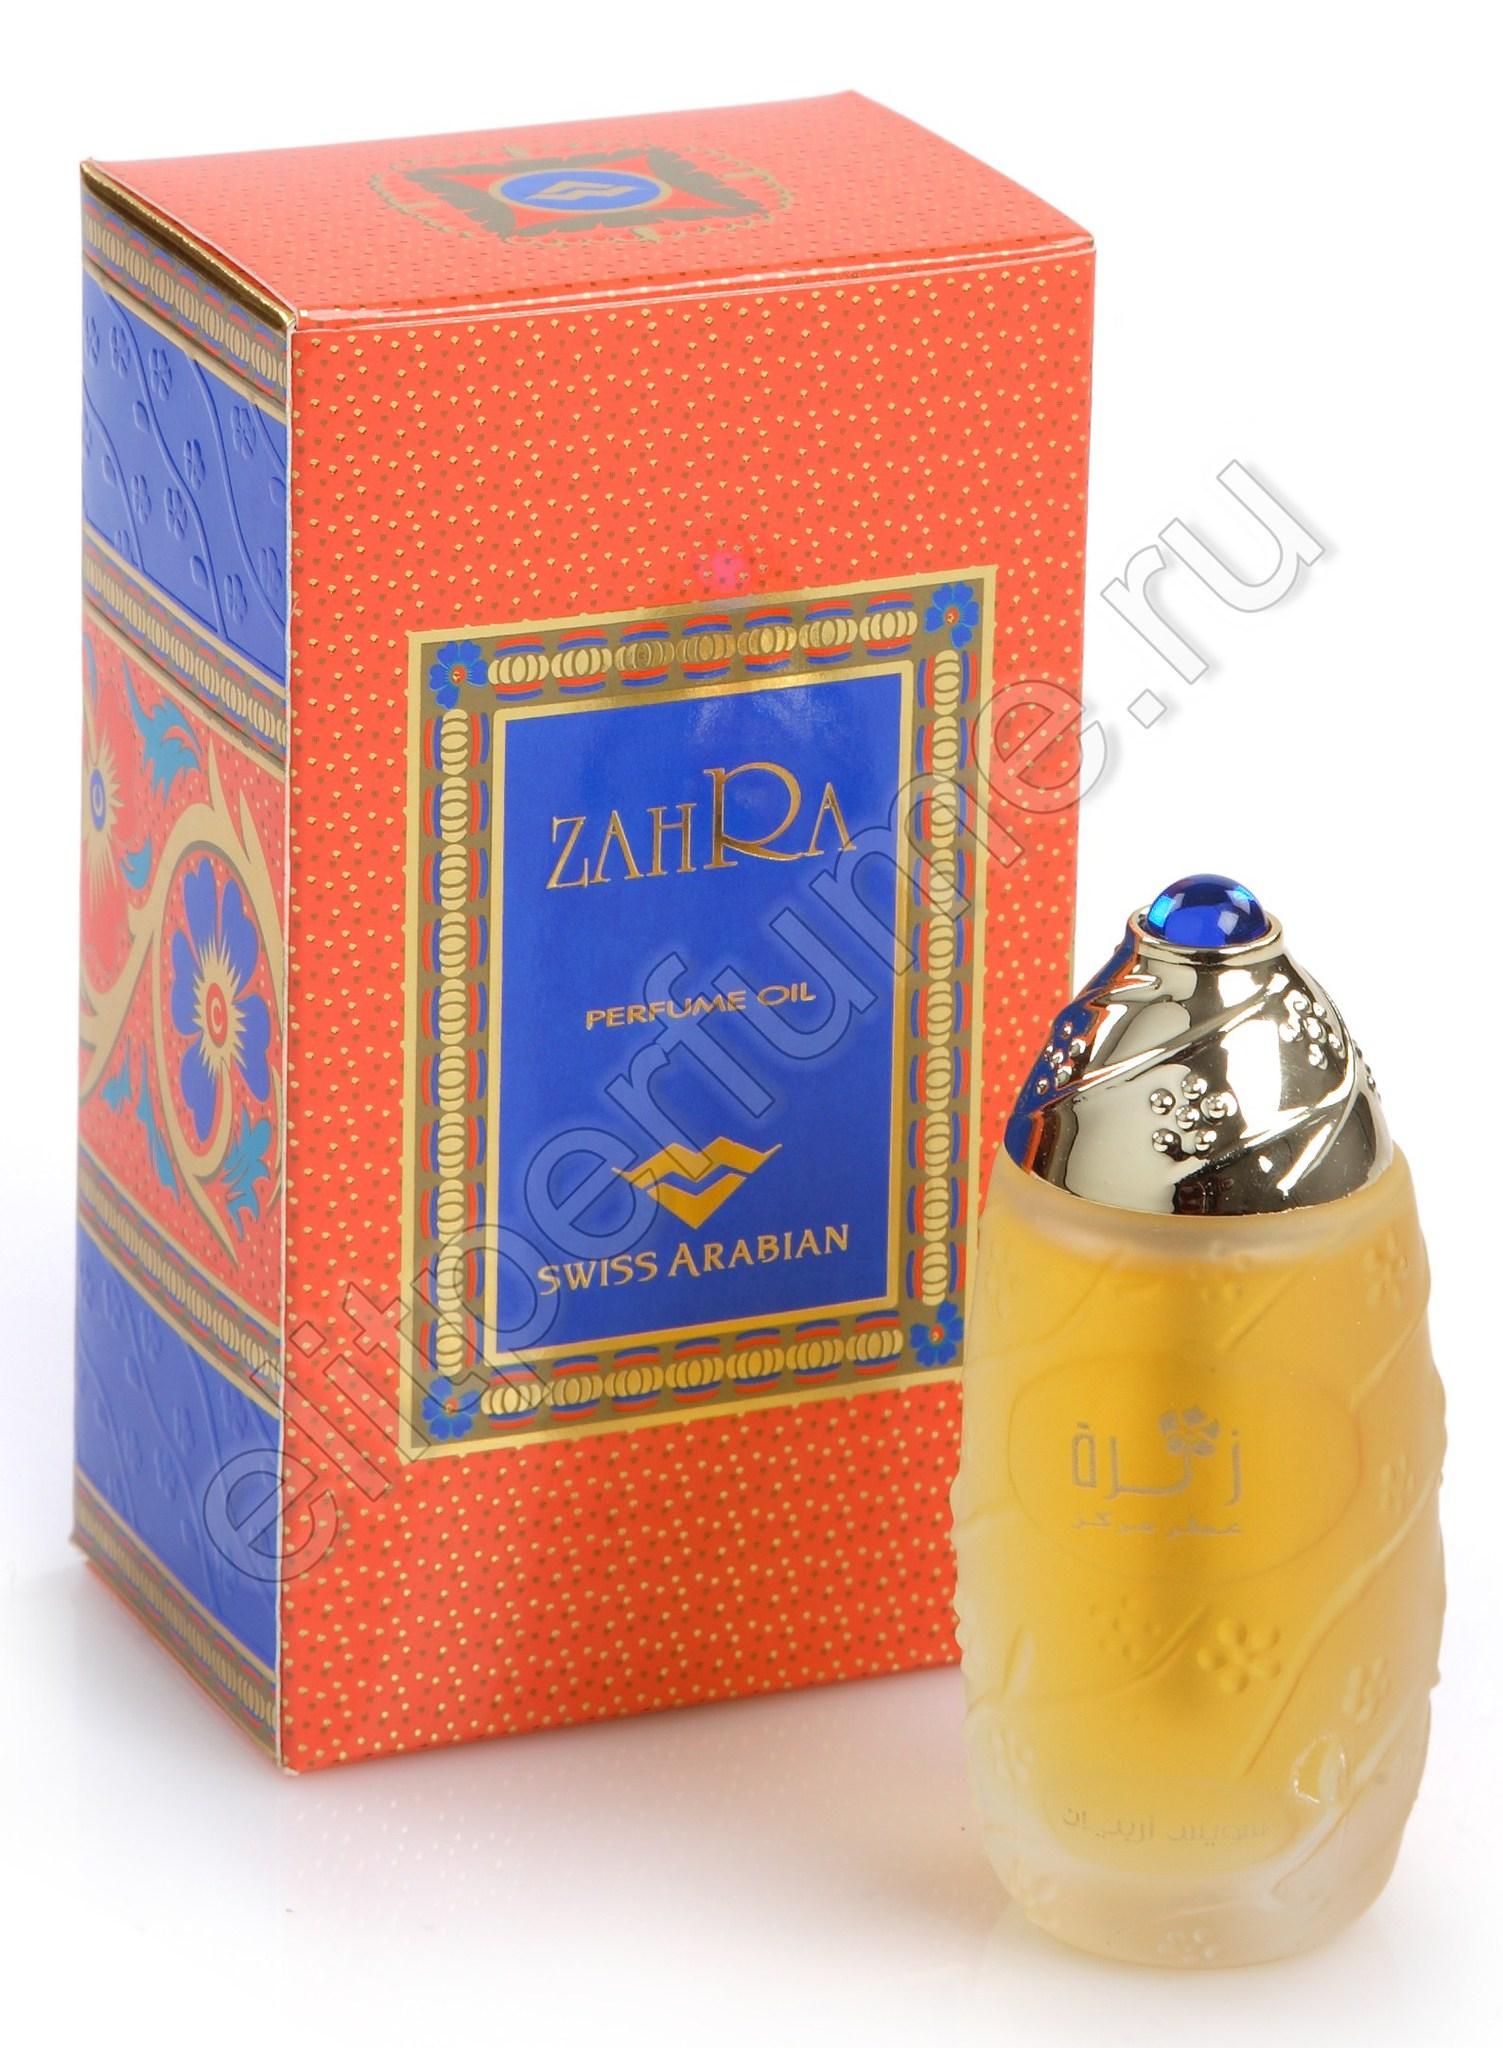 Пробники для арабских духов Захра Zahra 1 мл спрей от Свисс Арабиан Swiss Arabian